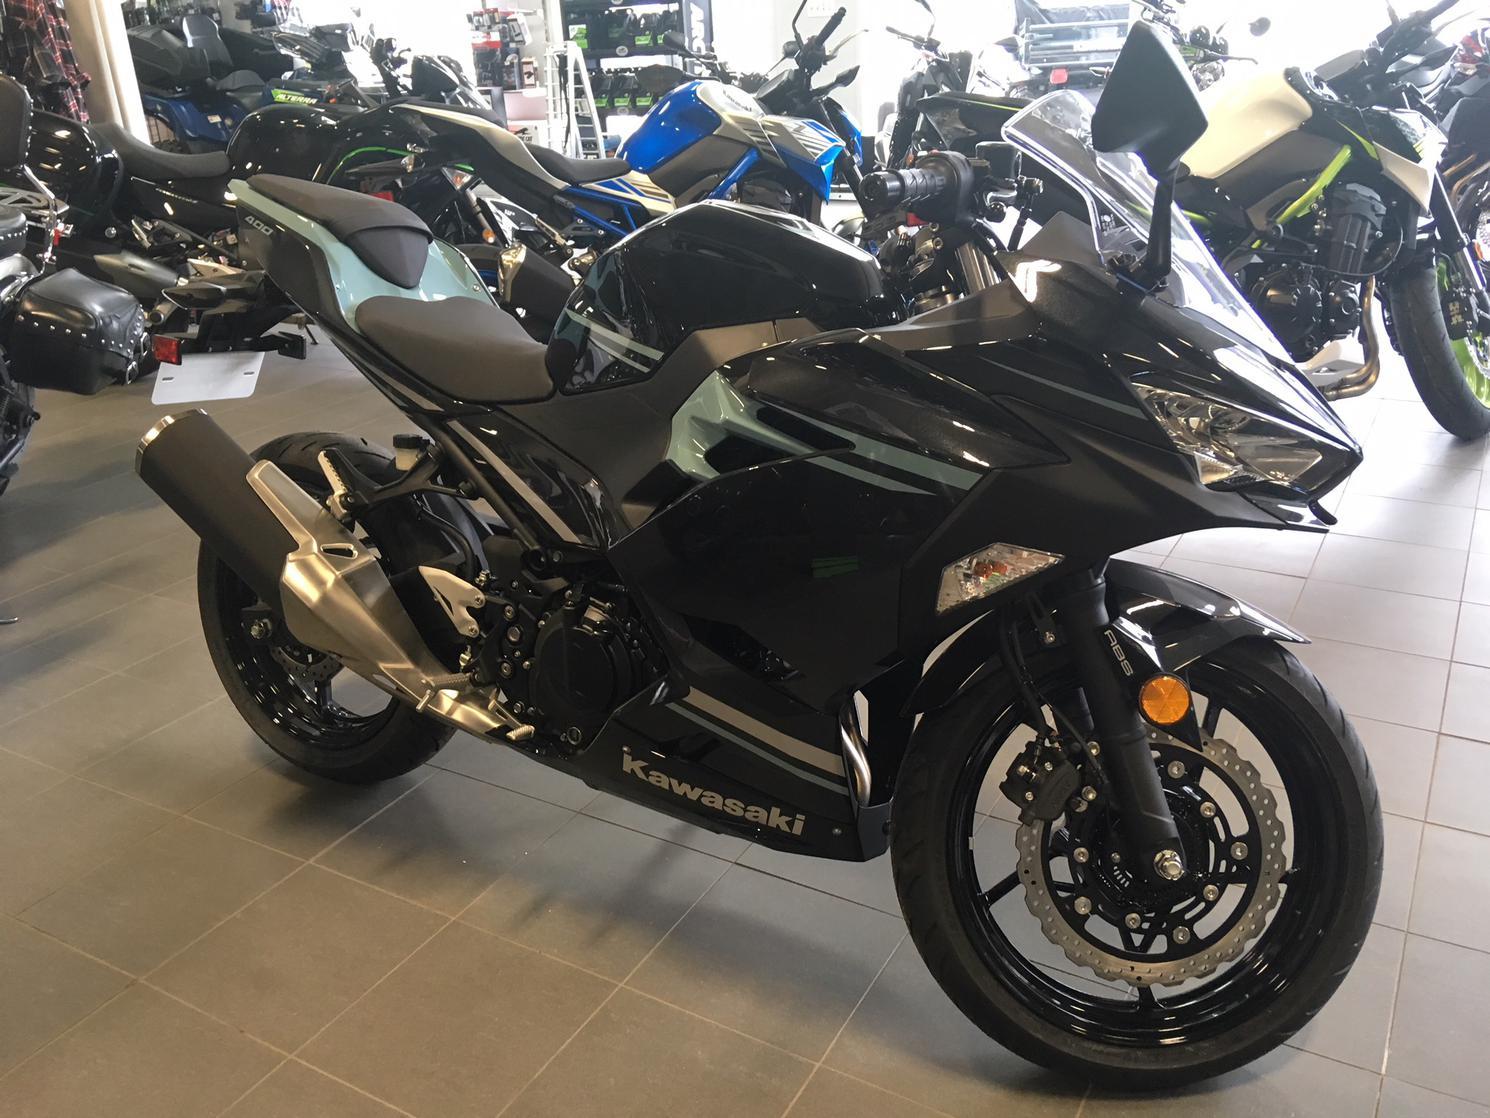 Kawasaki NINJA 400 ABS 2020 - EX400 ABS